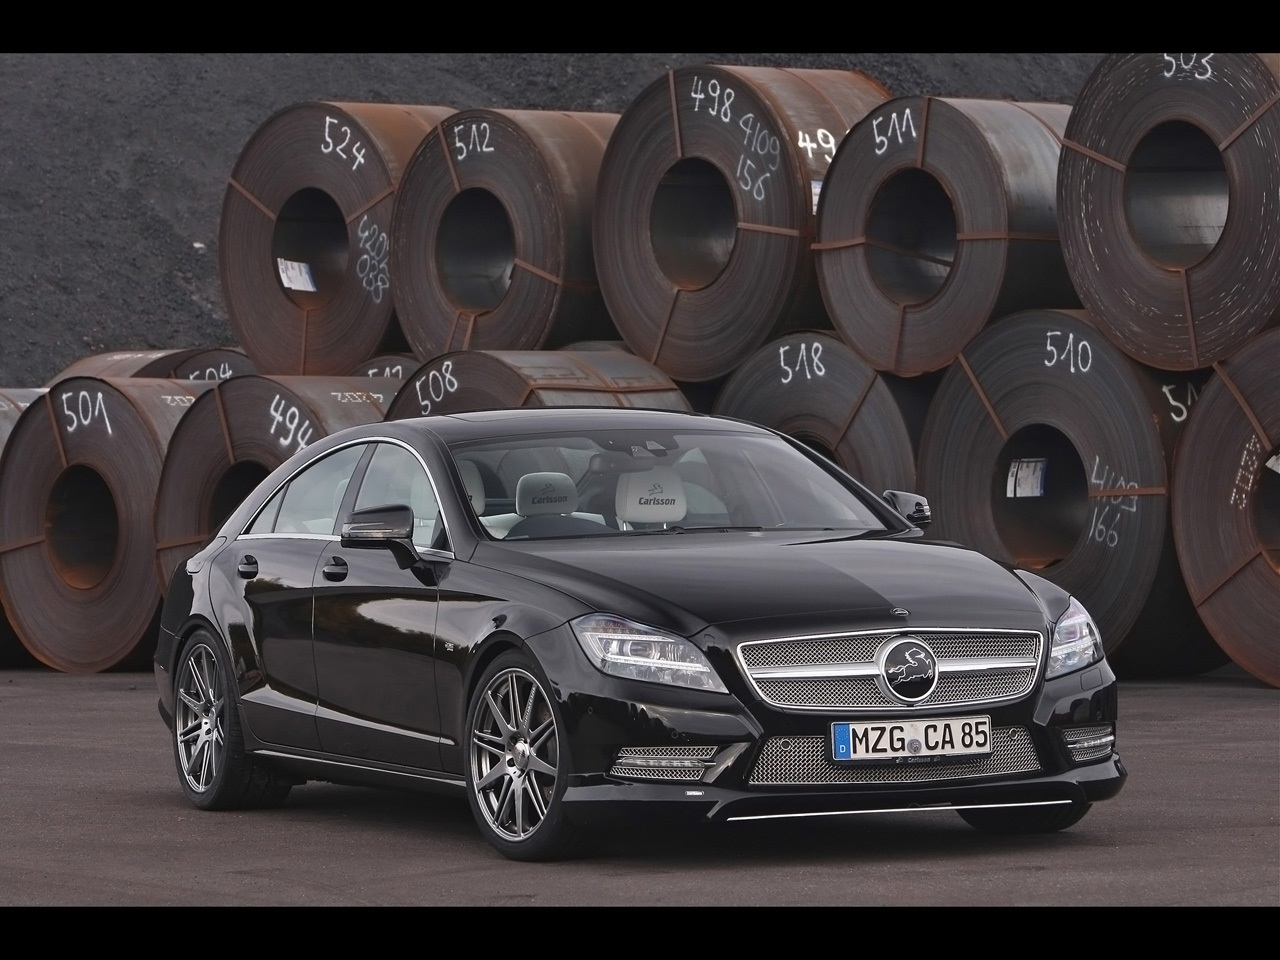 2012 Carlsson Mercedes Benz CLS CK63 Wallpapers